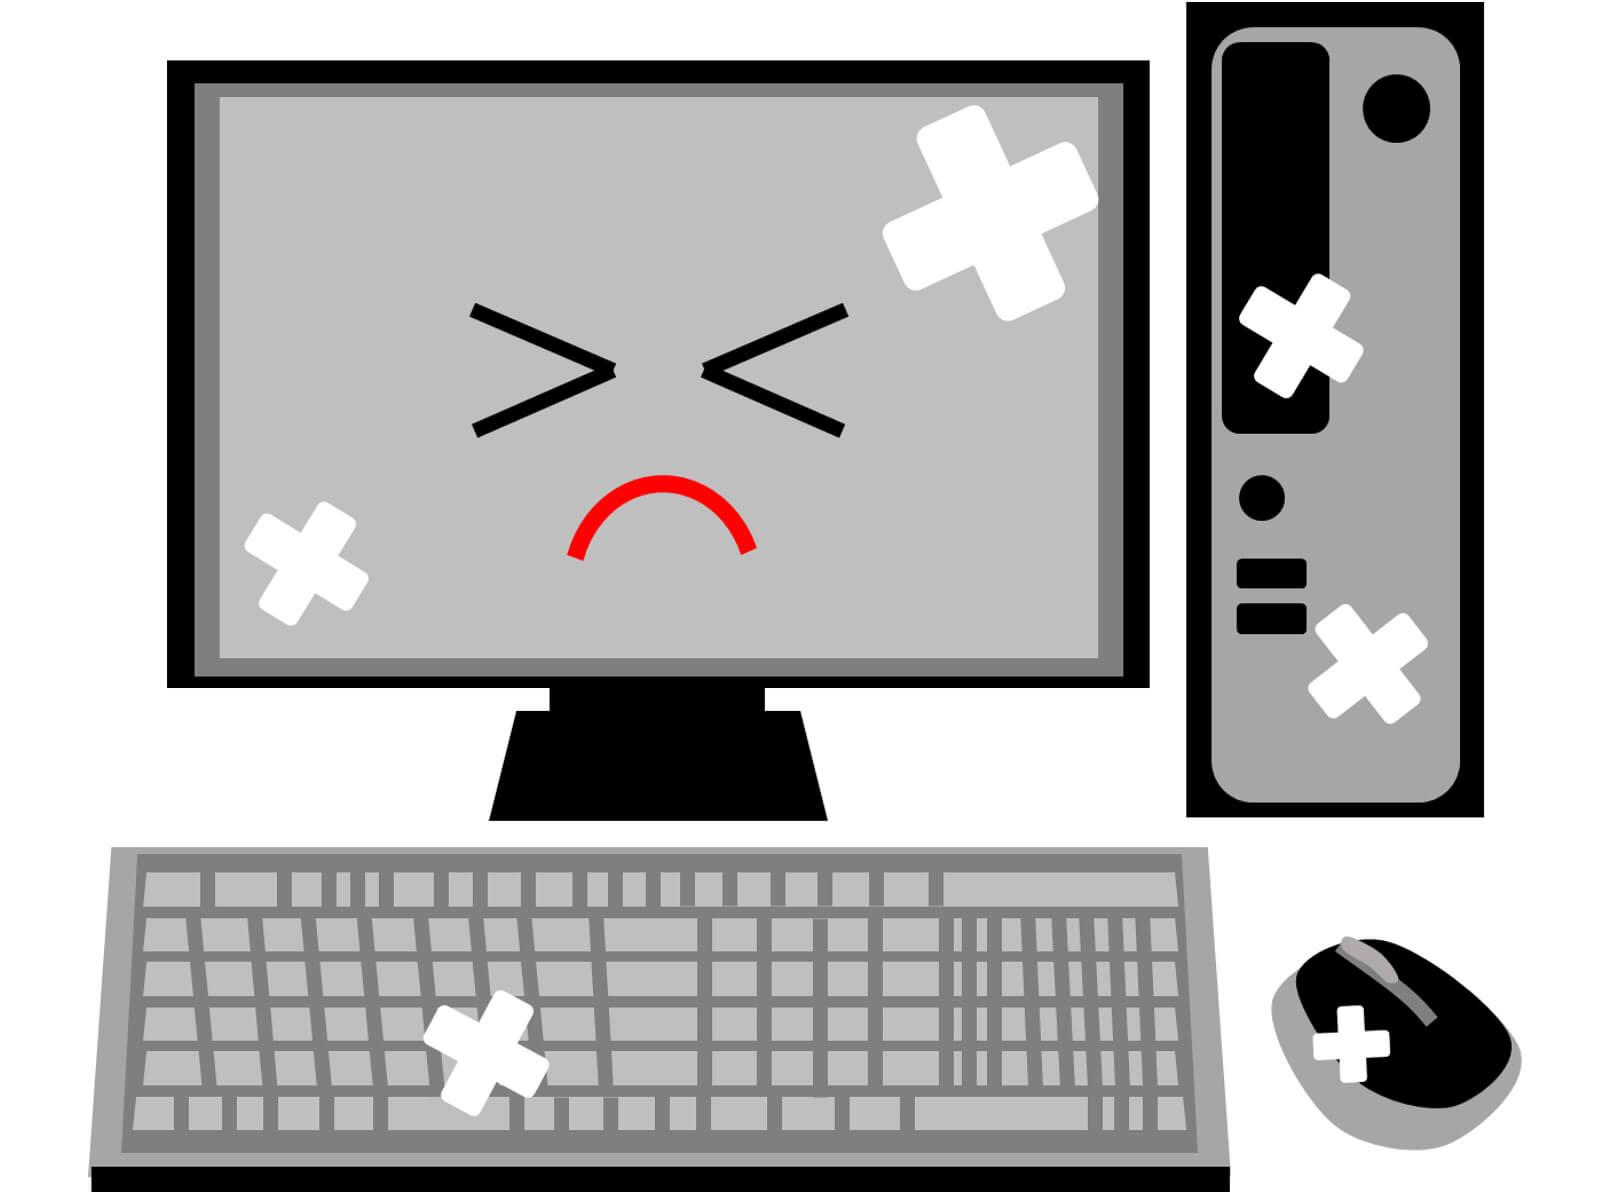 落雷によるパソコンへの影響